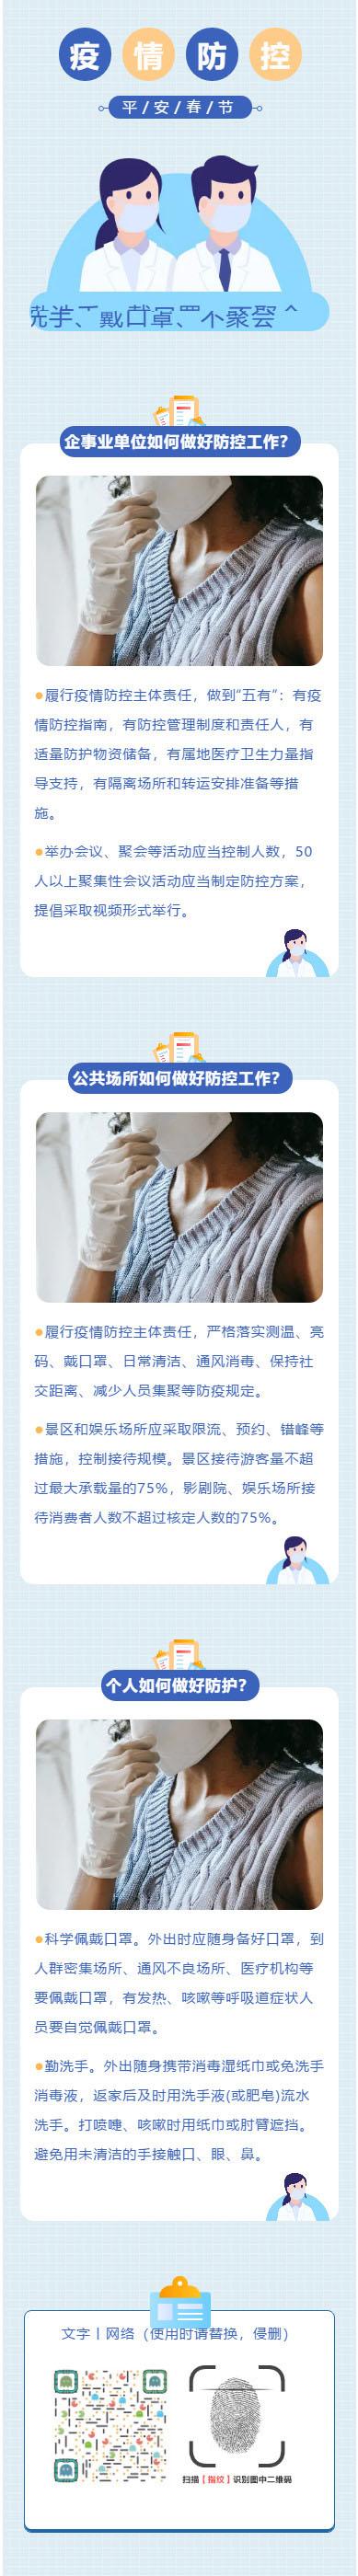 新冠肺炎春节疫情防控微信公众号医疗模板推送图文素材微信推文